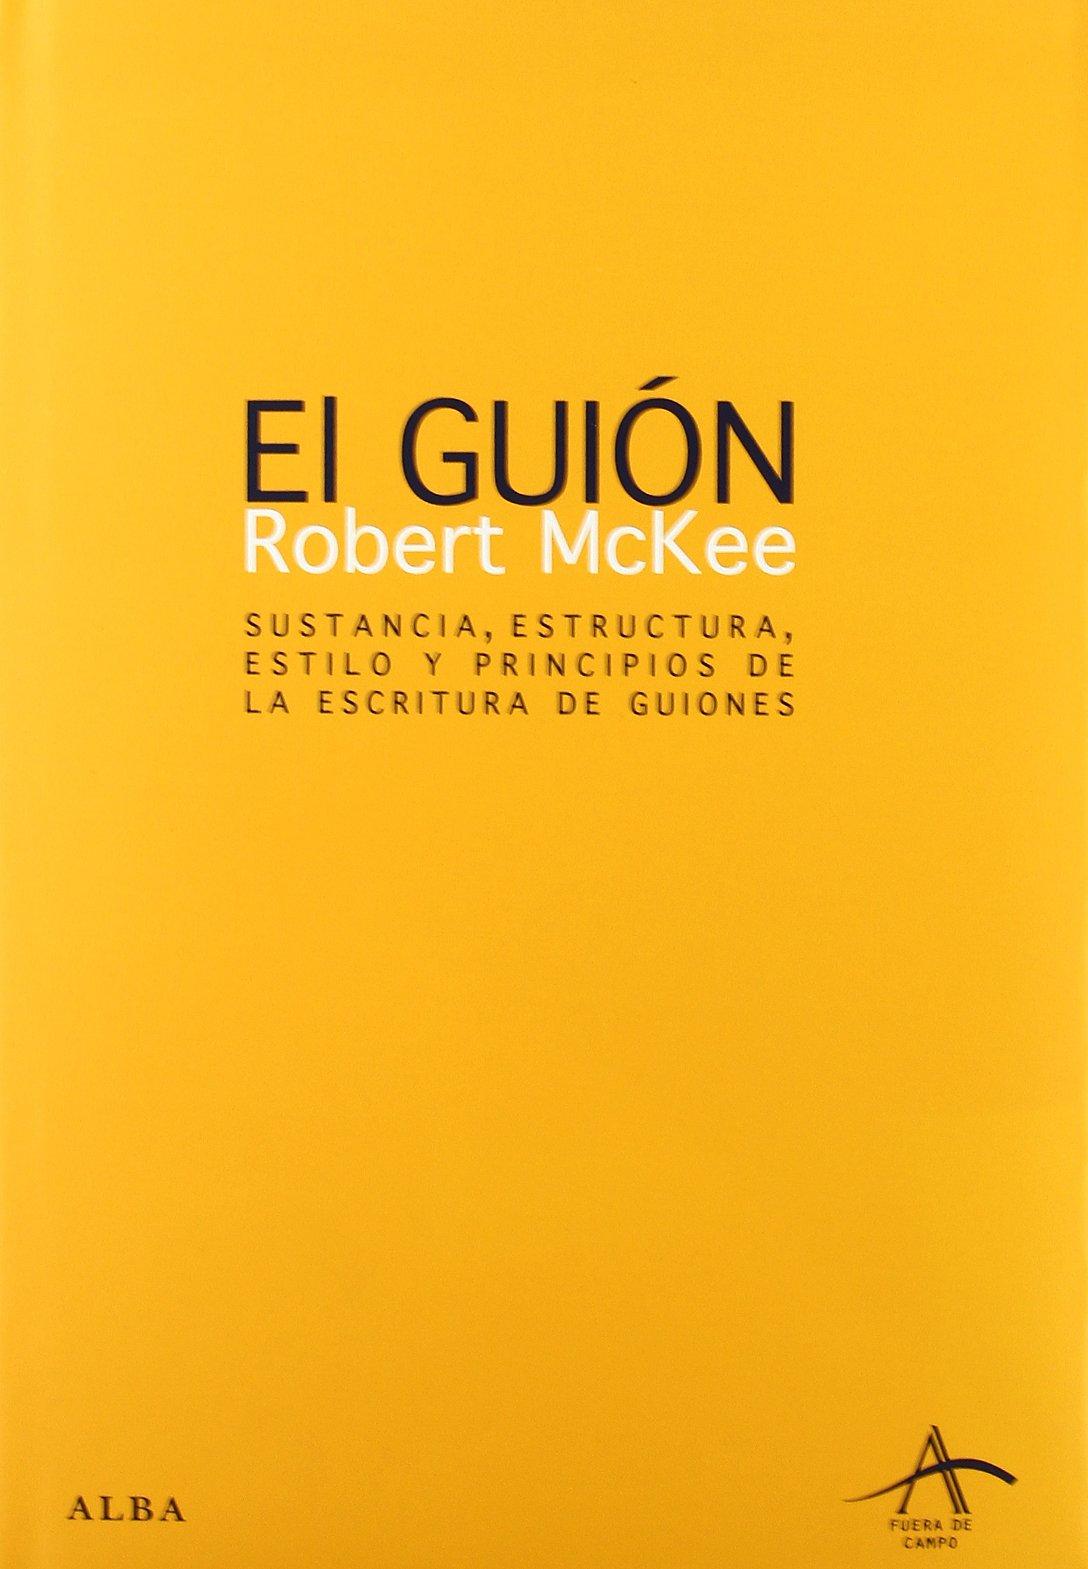 El Guion/ Story: Sustancia, Escritura, Estilo Y Principios De La Escritura De Guiones/ Substance, Structure, Style and the Principles of Screenwriting (Spanish Edition) pdf